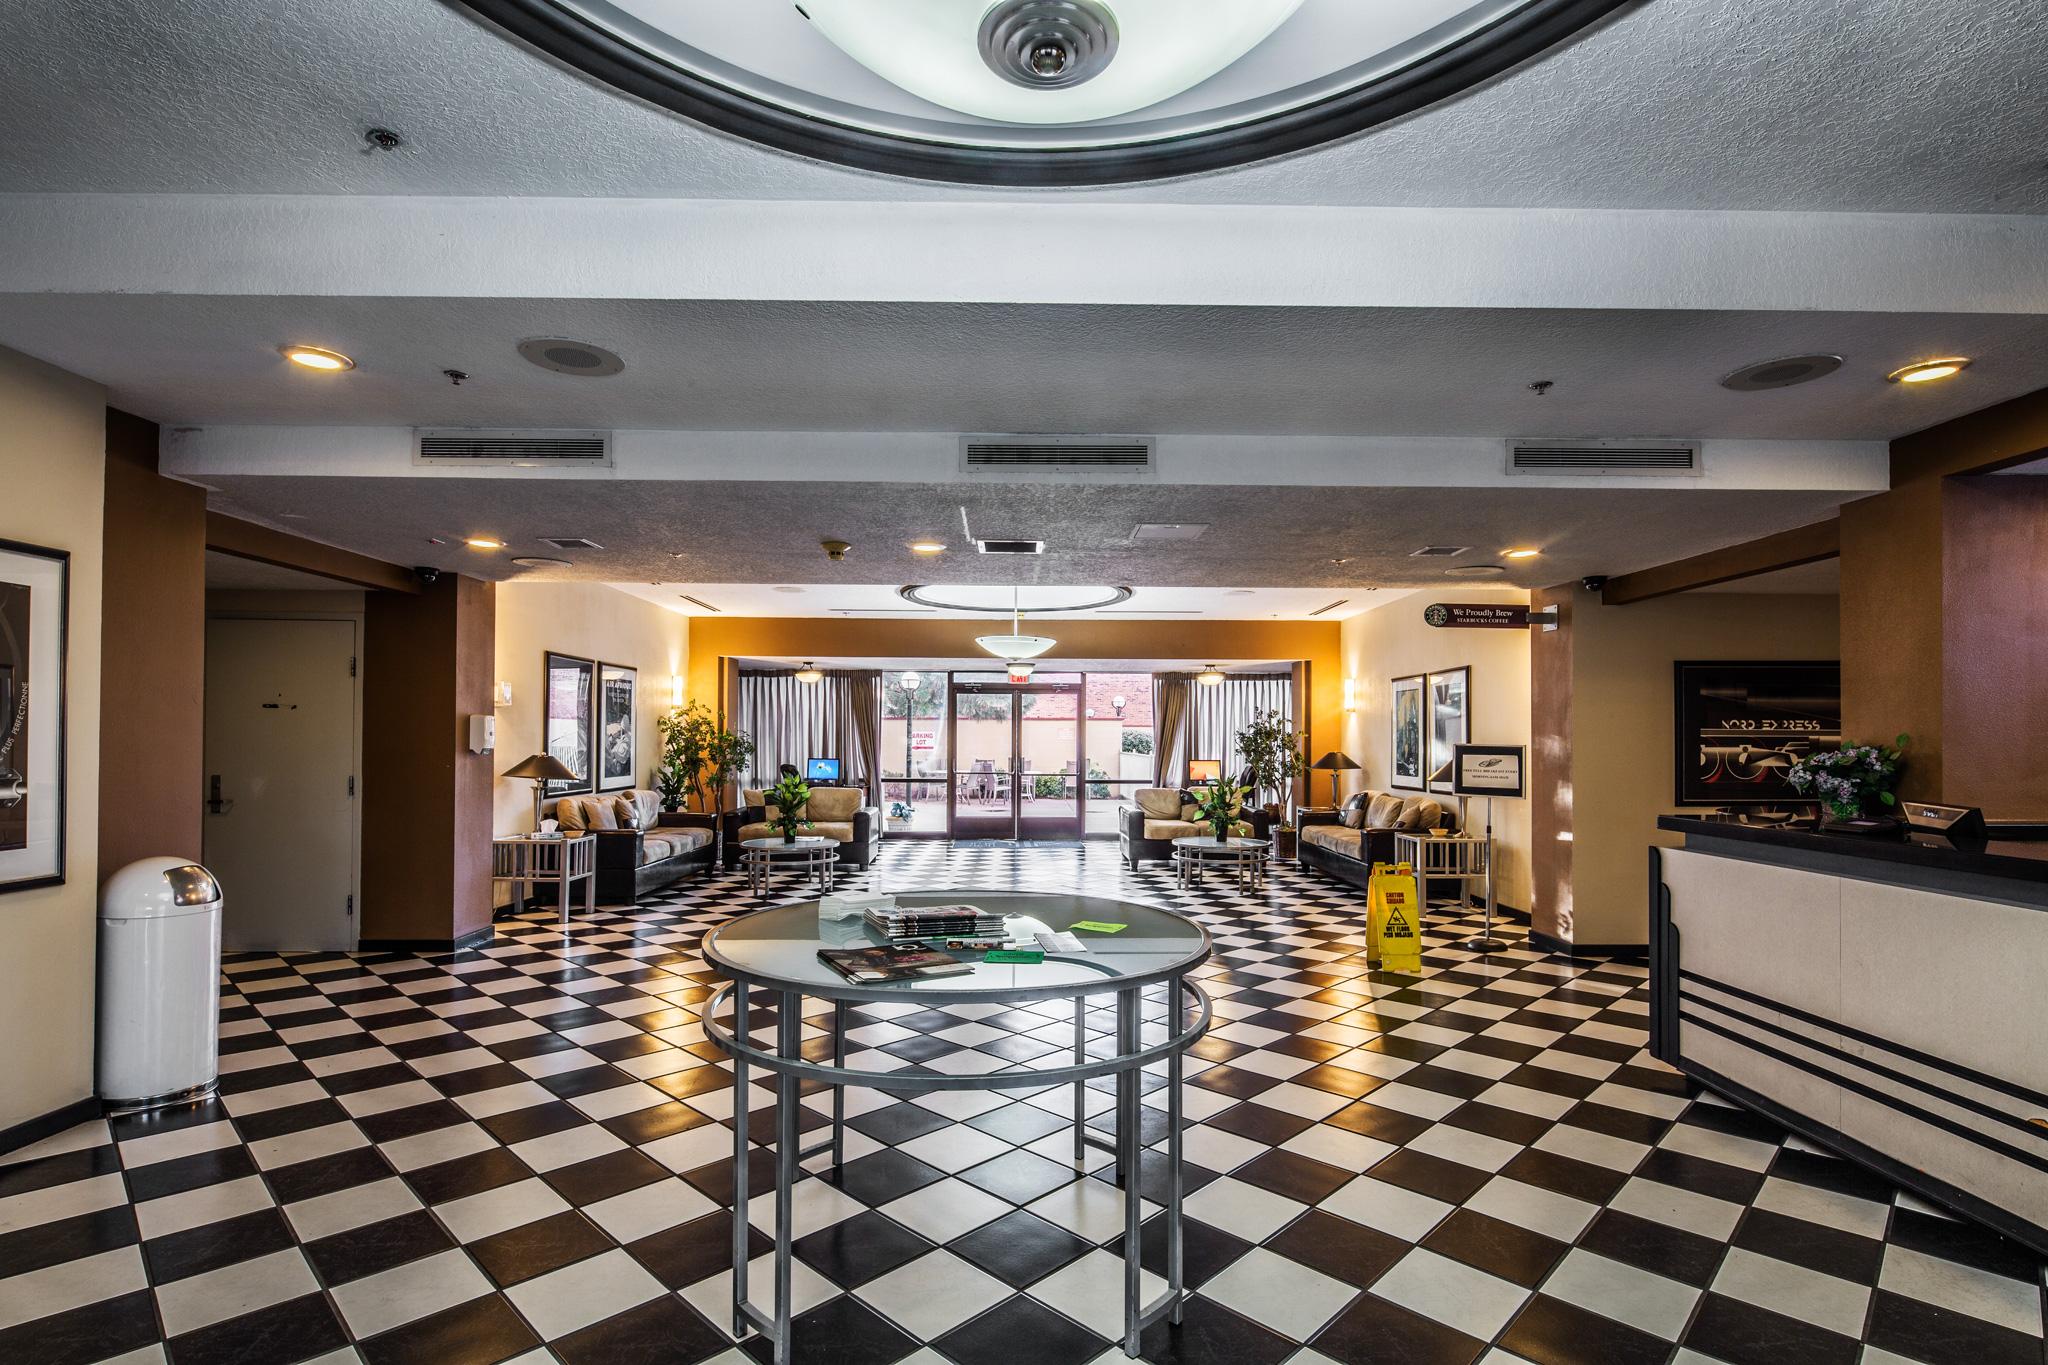 HotelBlueLobby.jpg